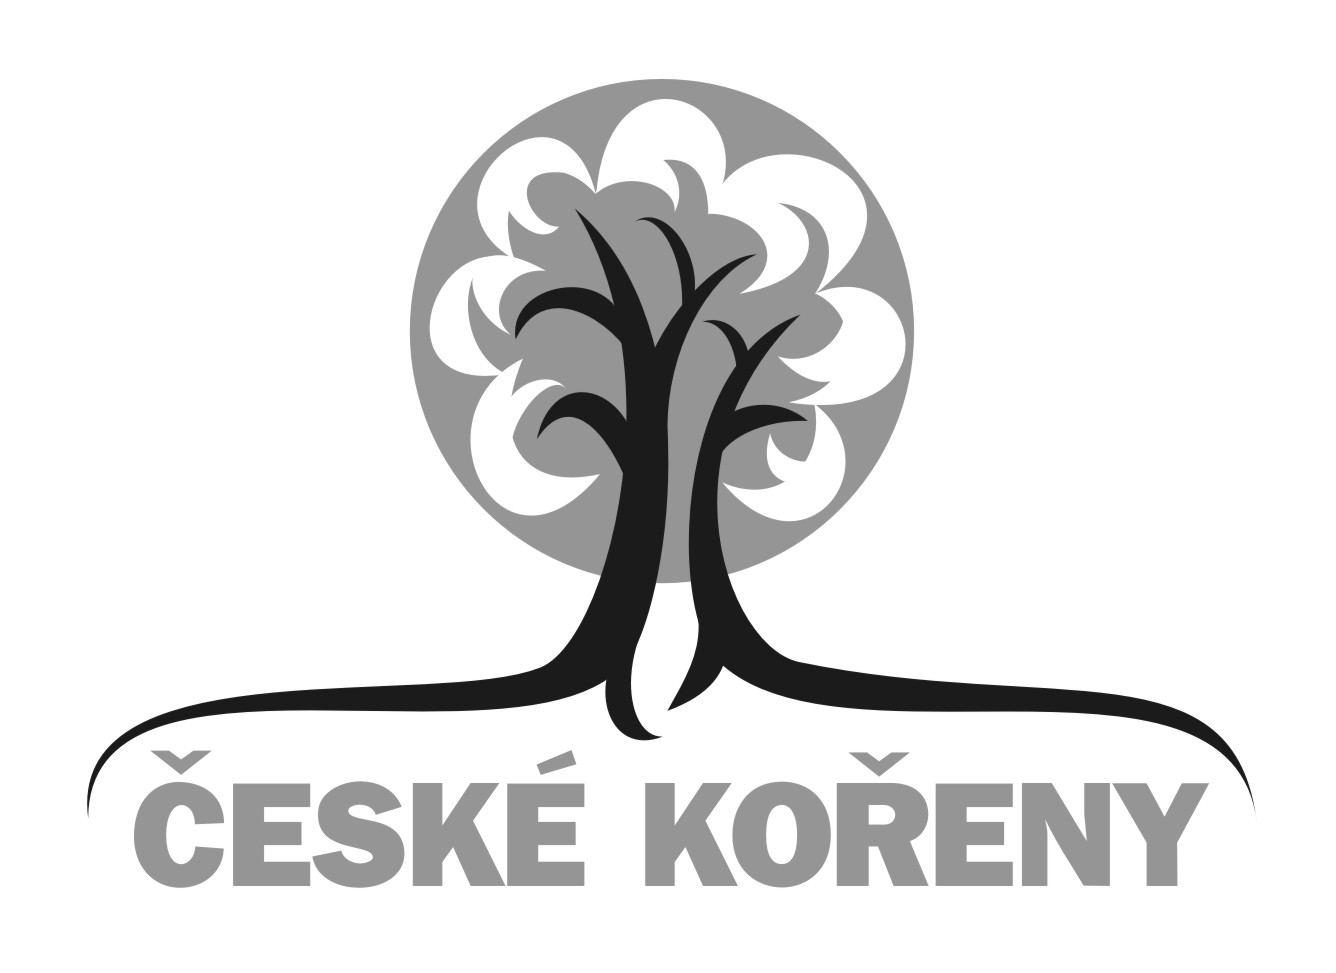 České kořeny